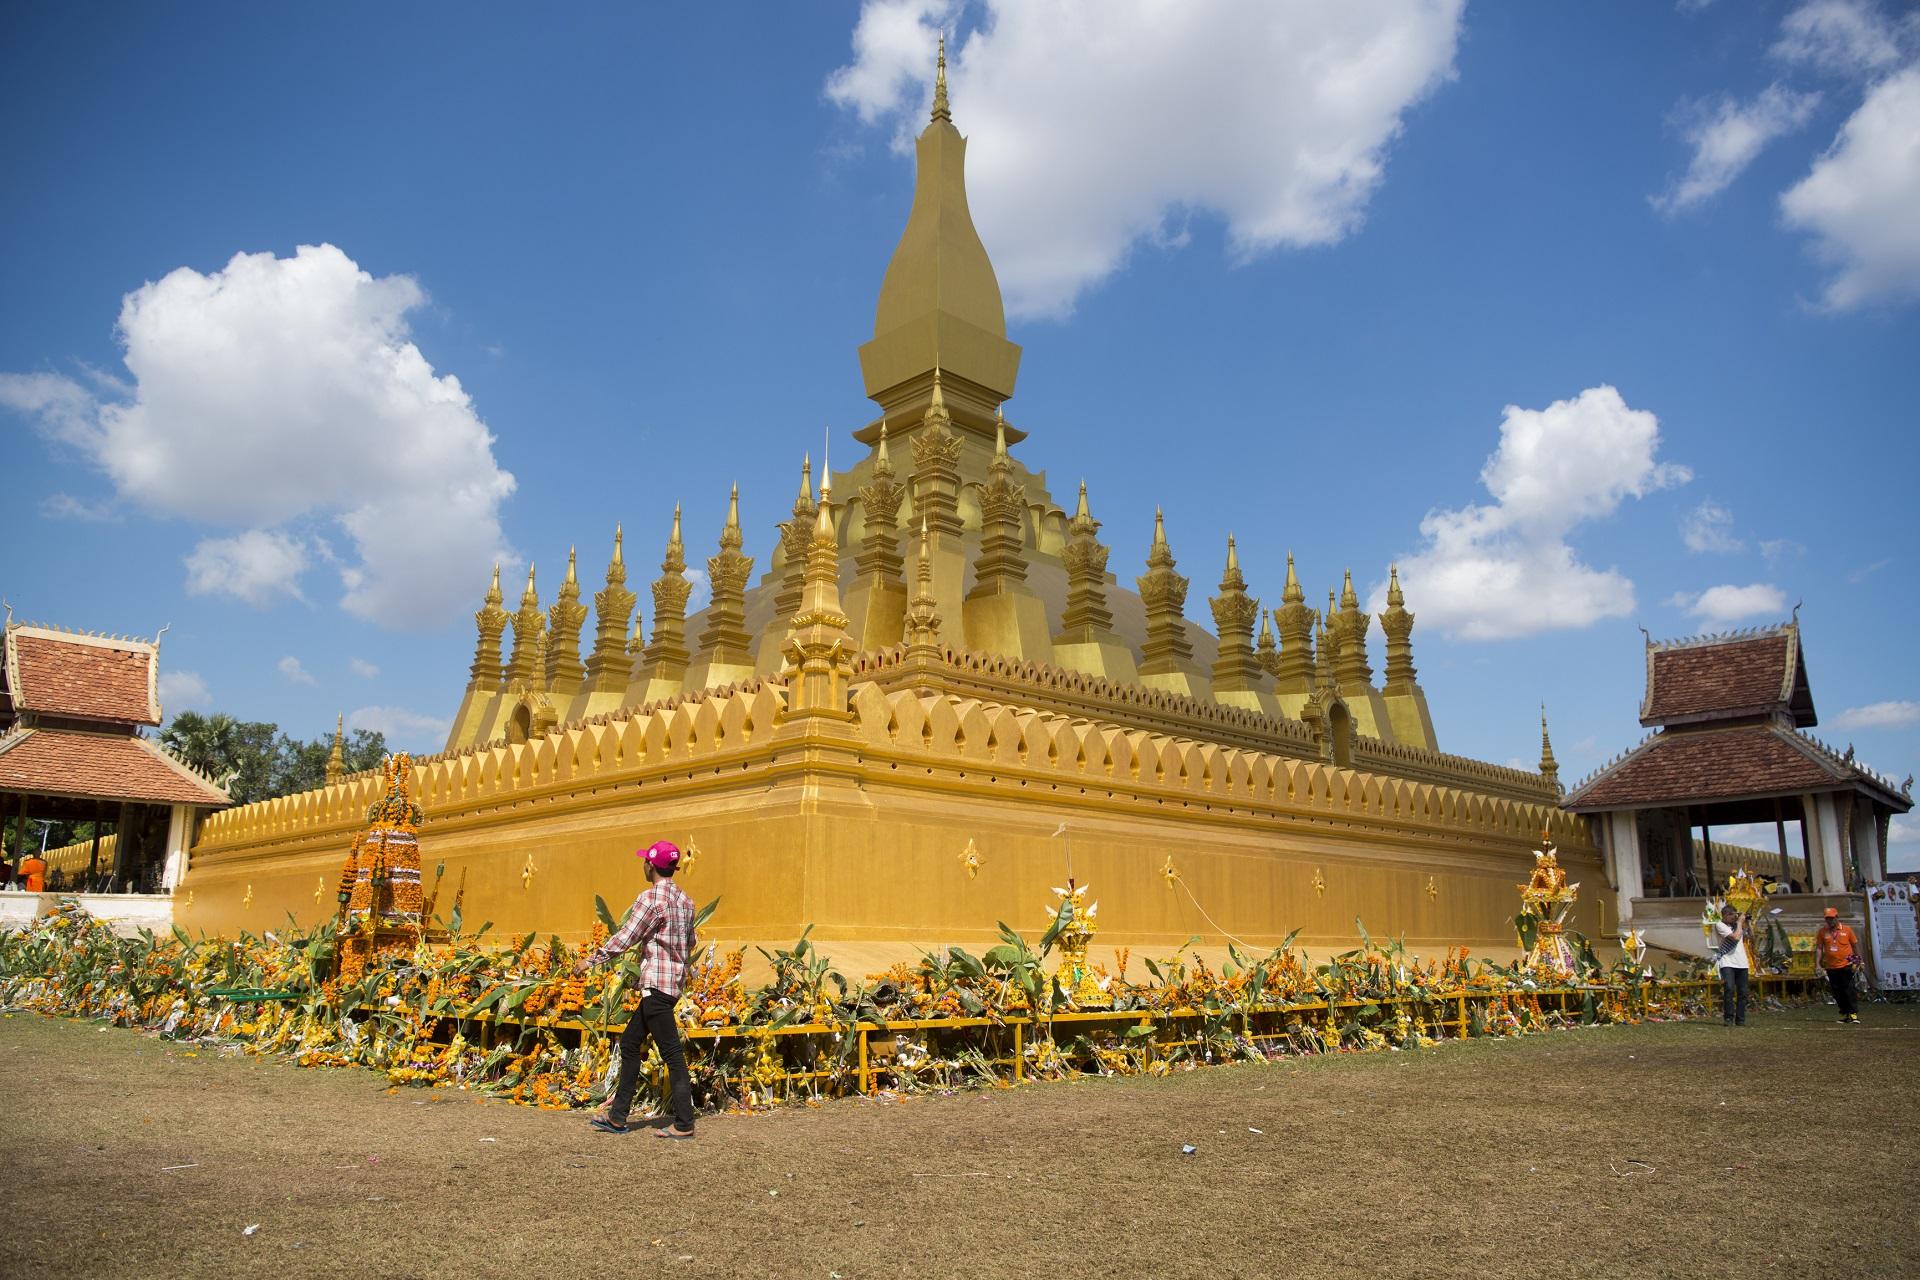 Laos si Cambodgia. Ritualuri străvechi și ceremonii de regăsire spirituală